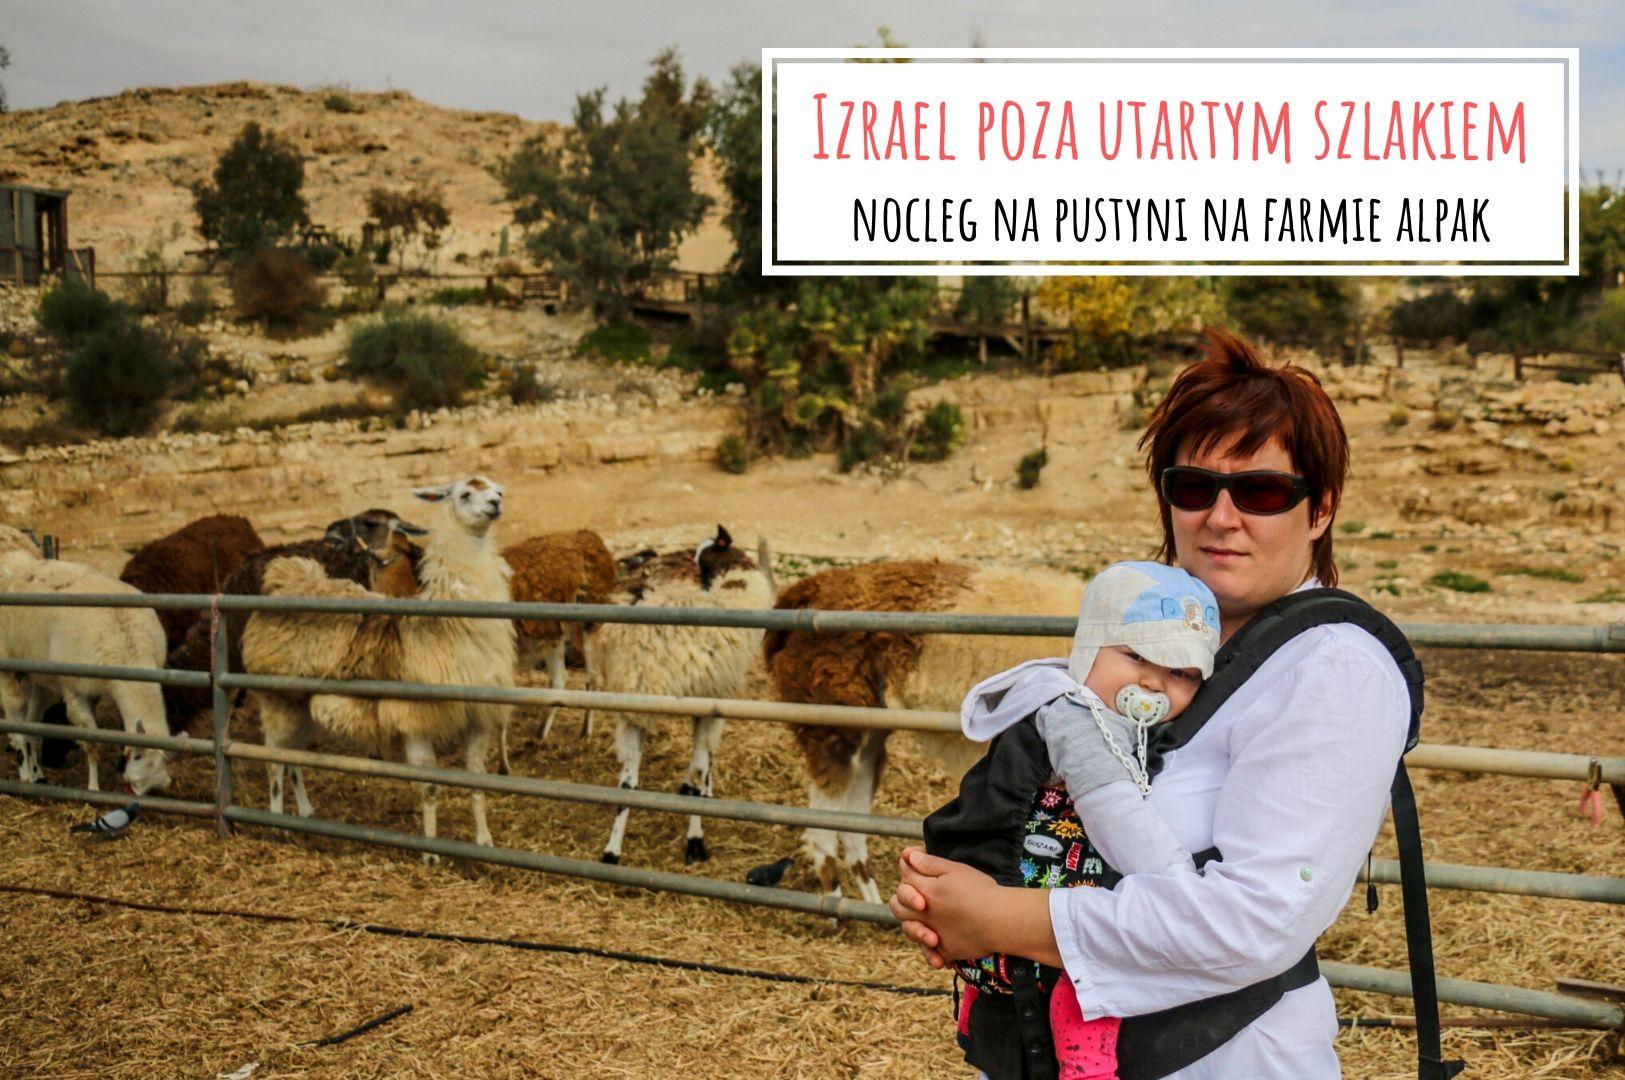 Izrael_nocleg_na_pustyni